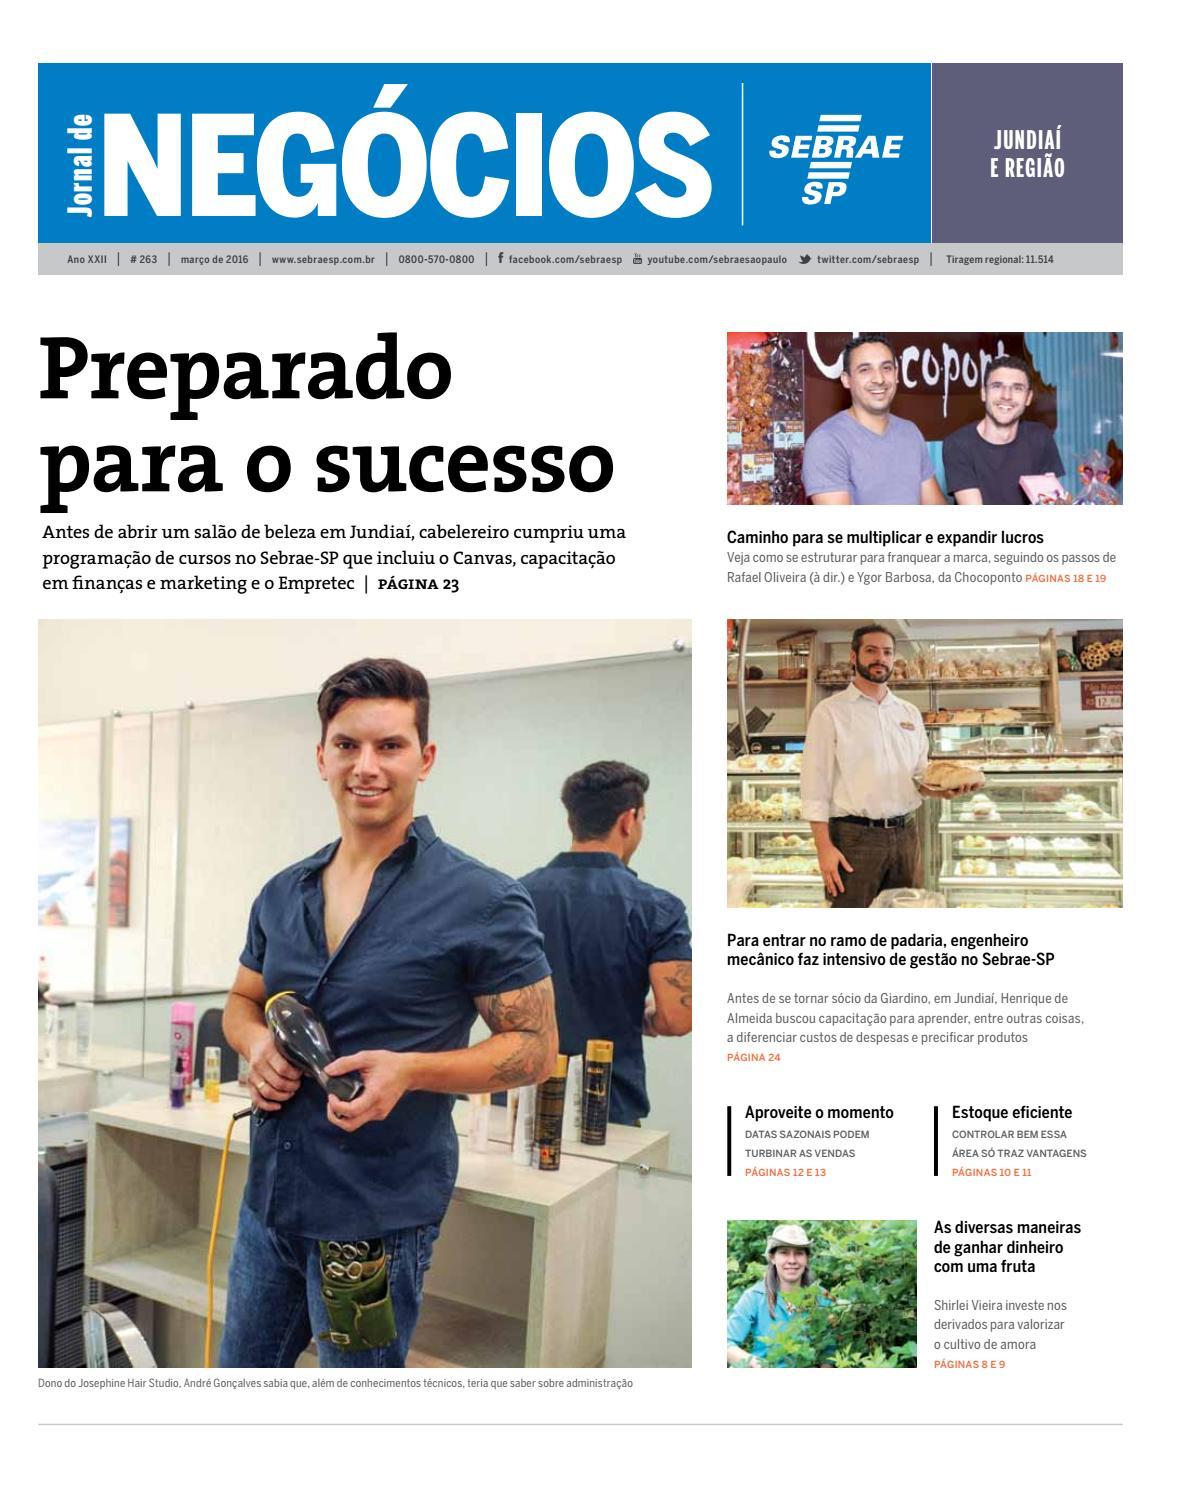 Jornal De Neg Cios Sebrae Sp 01 De Mar O De 2016 Jundiai E